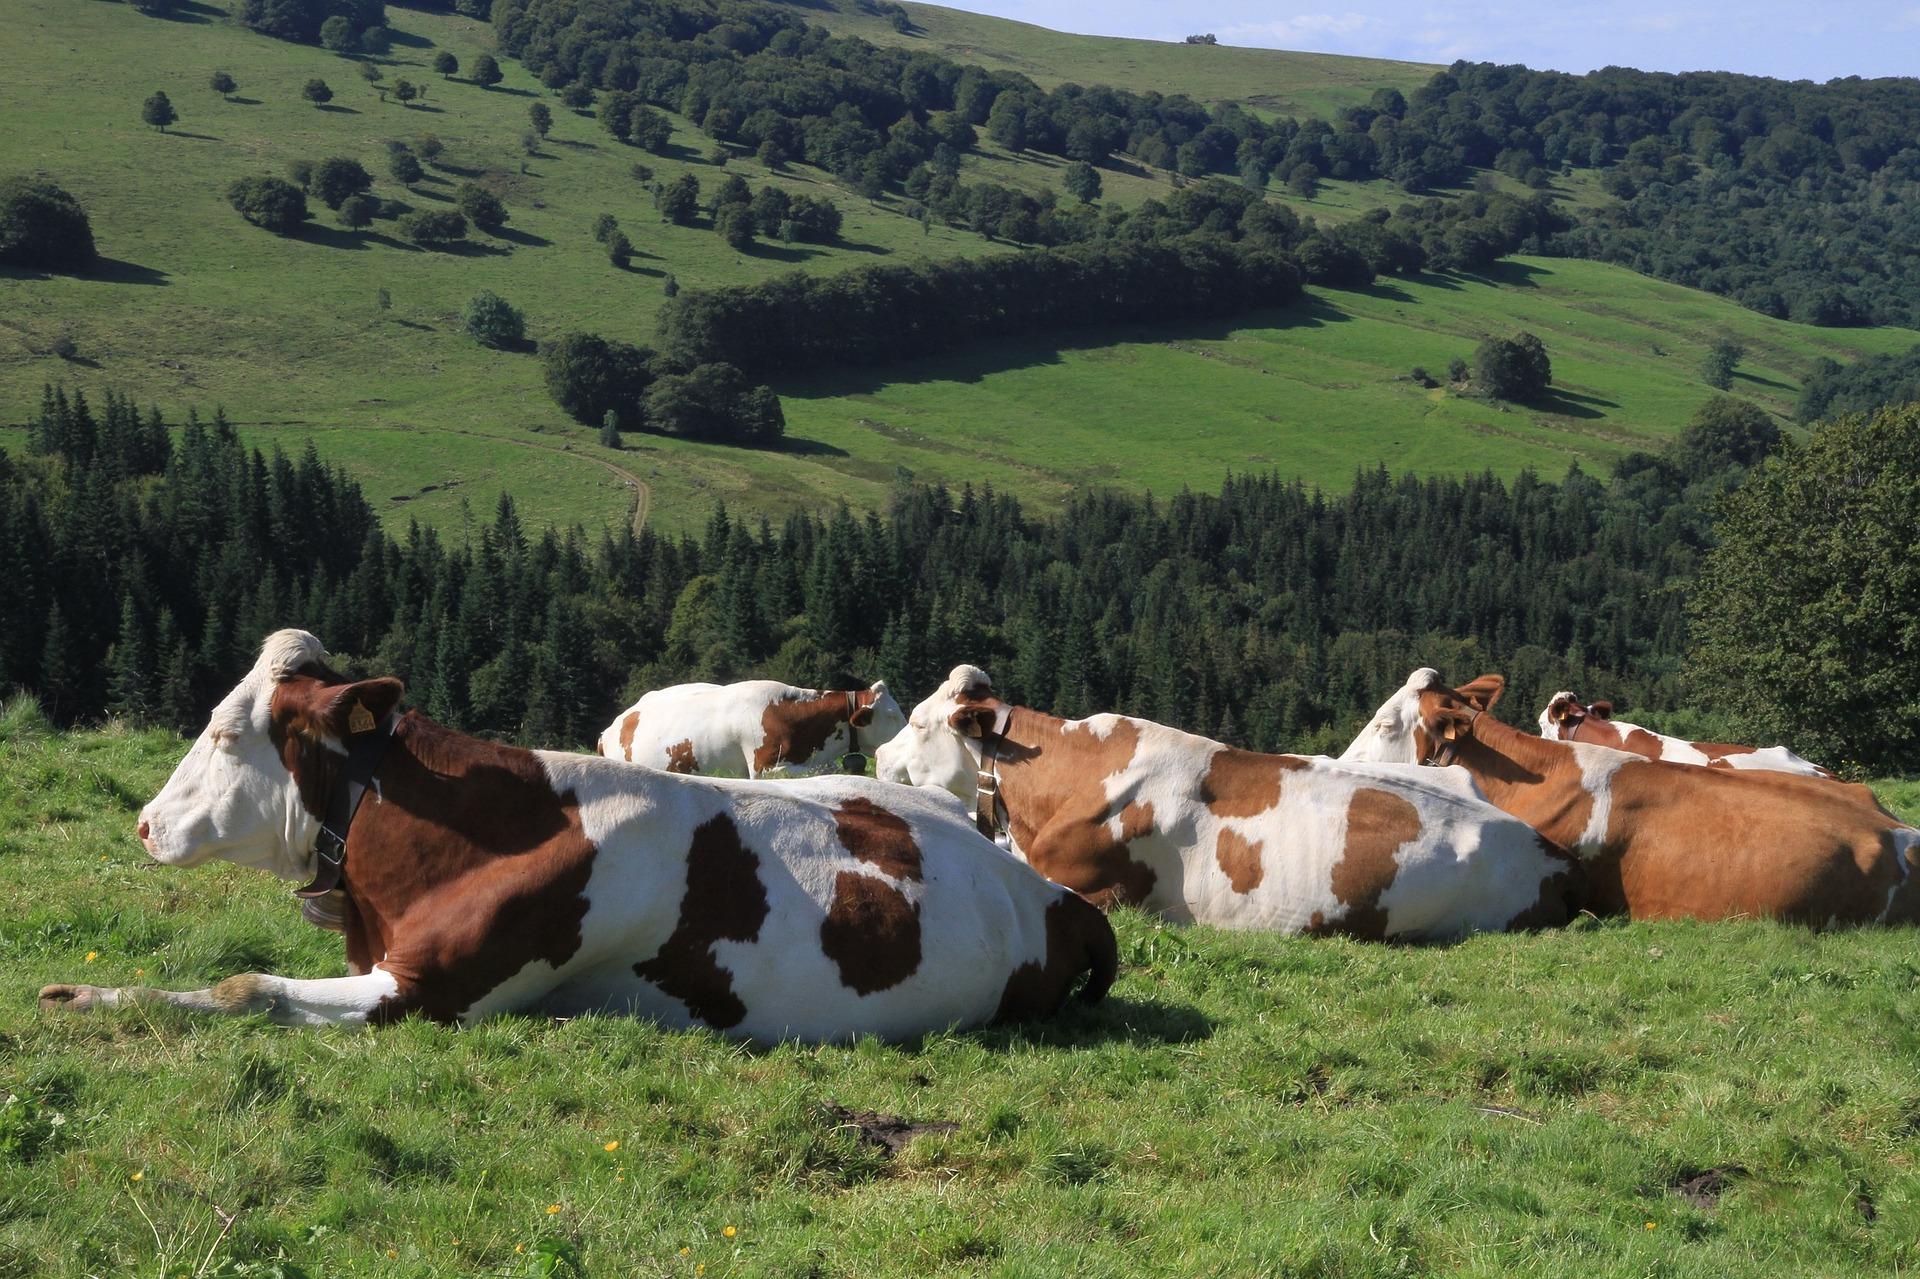 cows-1972285_1920